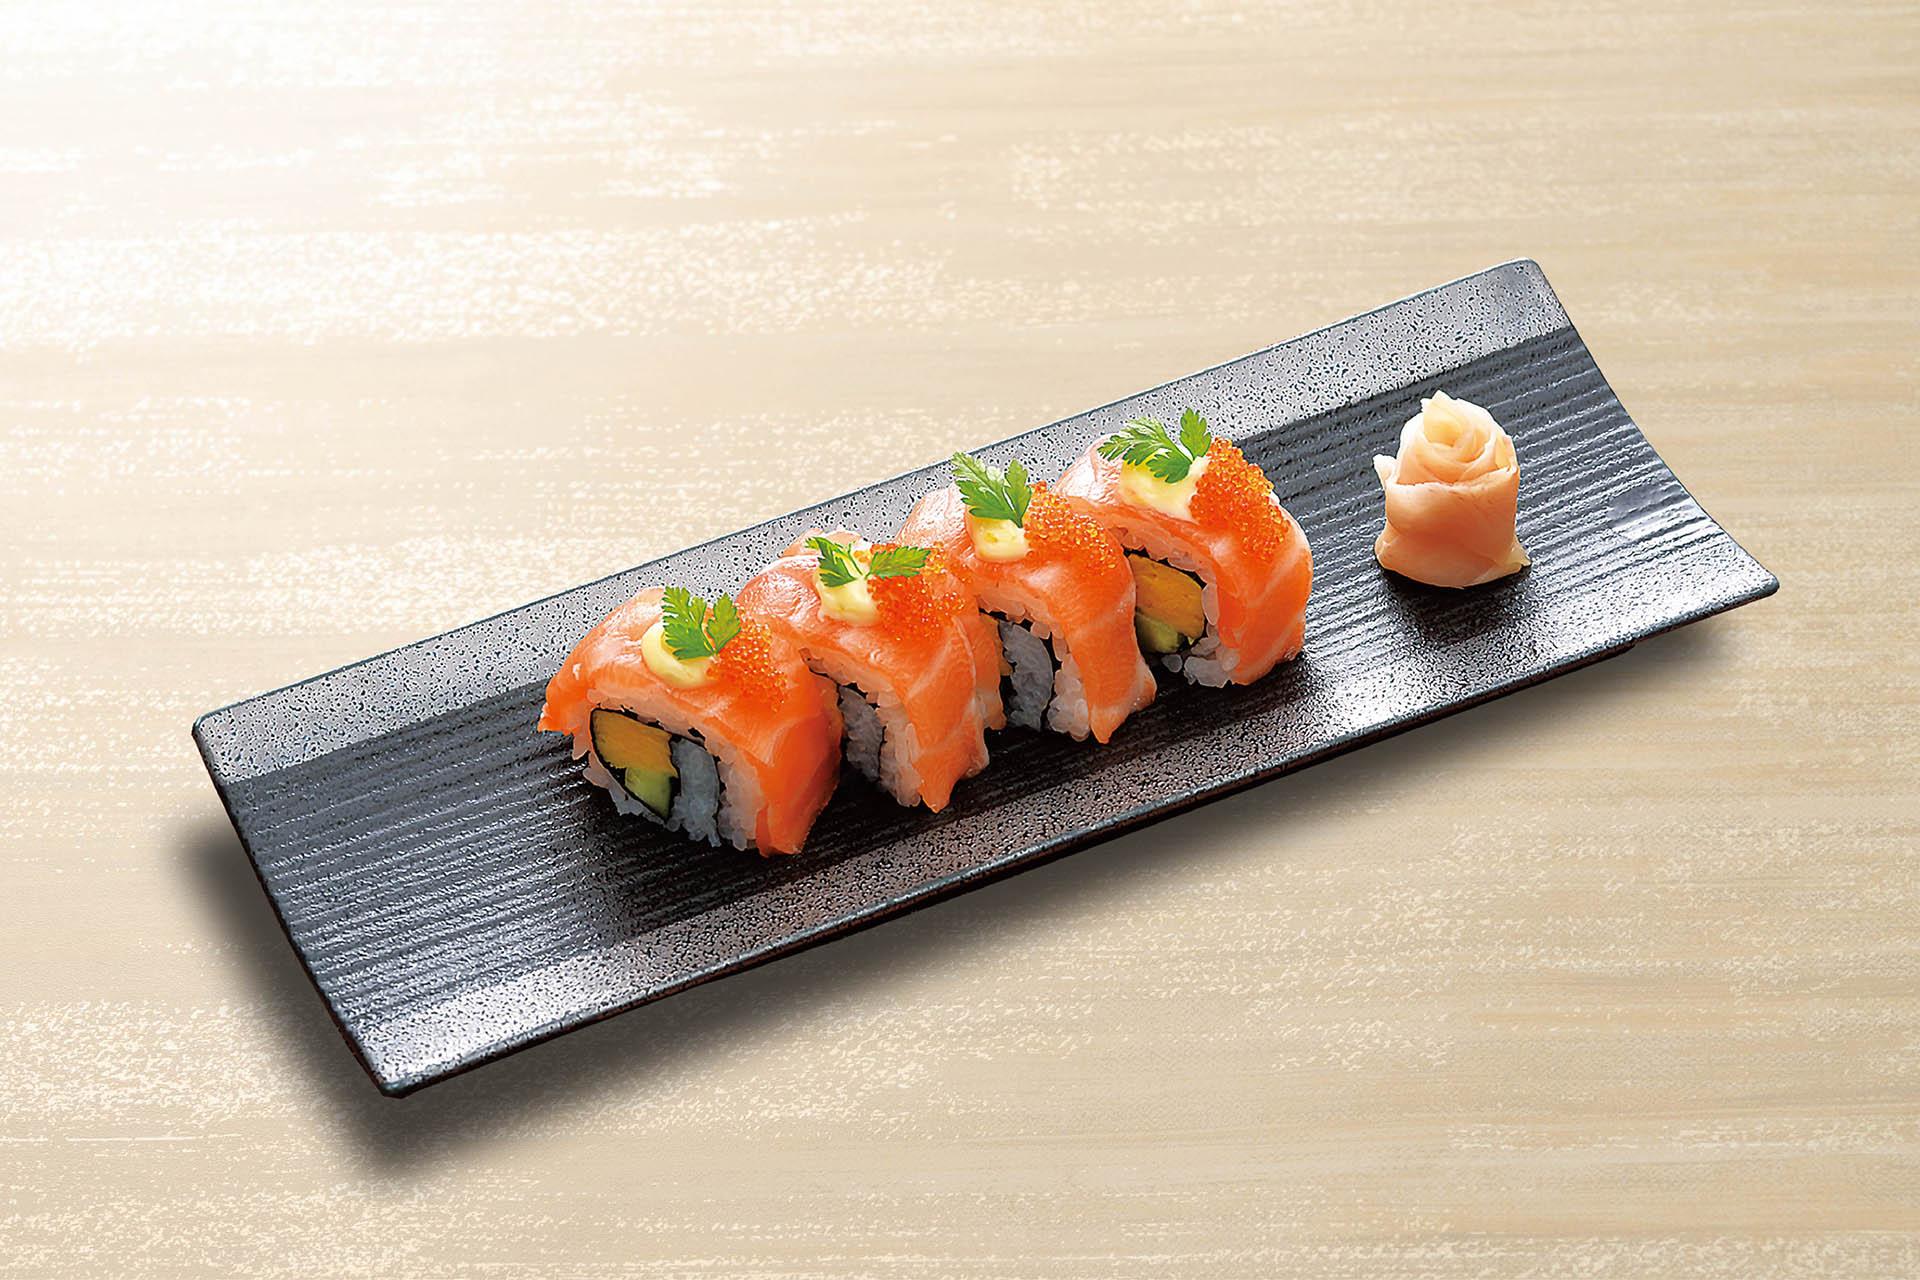 サーモンロール寿司 柚子胡椒マヨネーズ仕立て